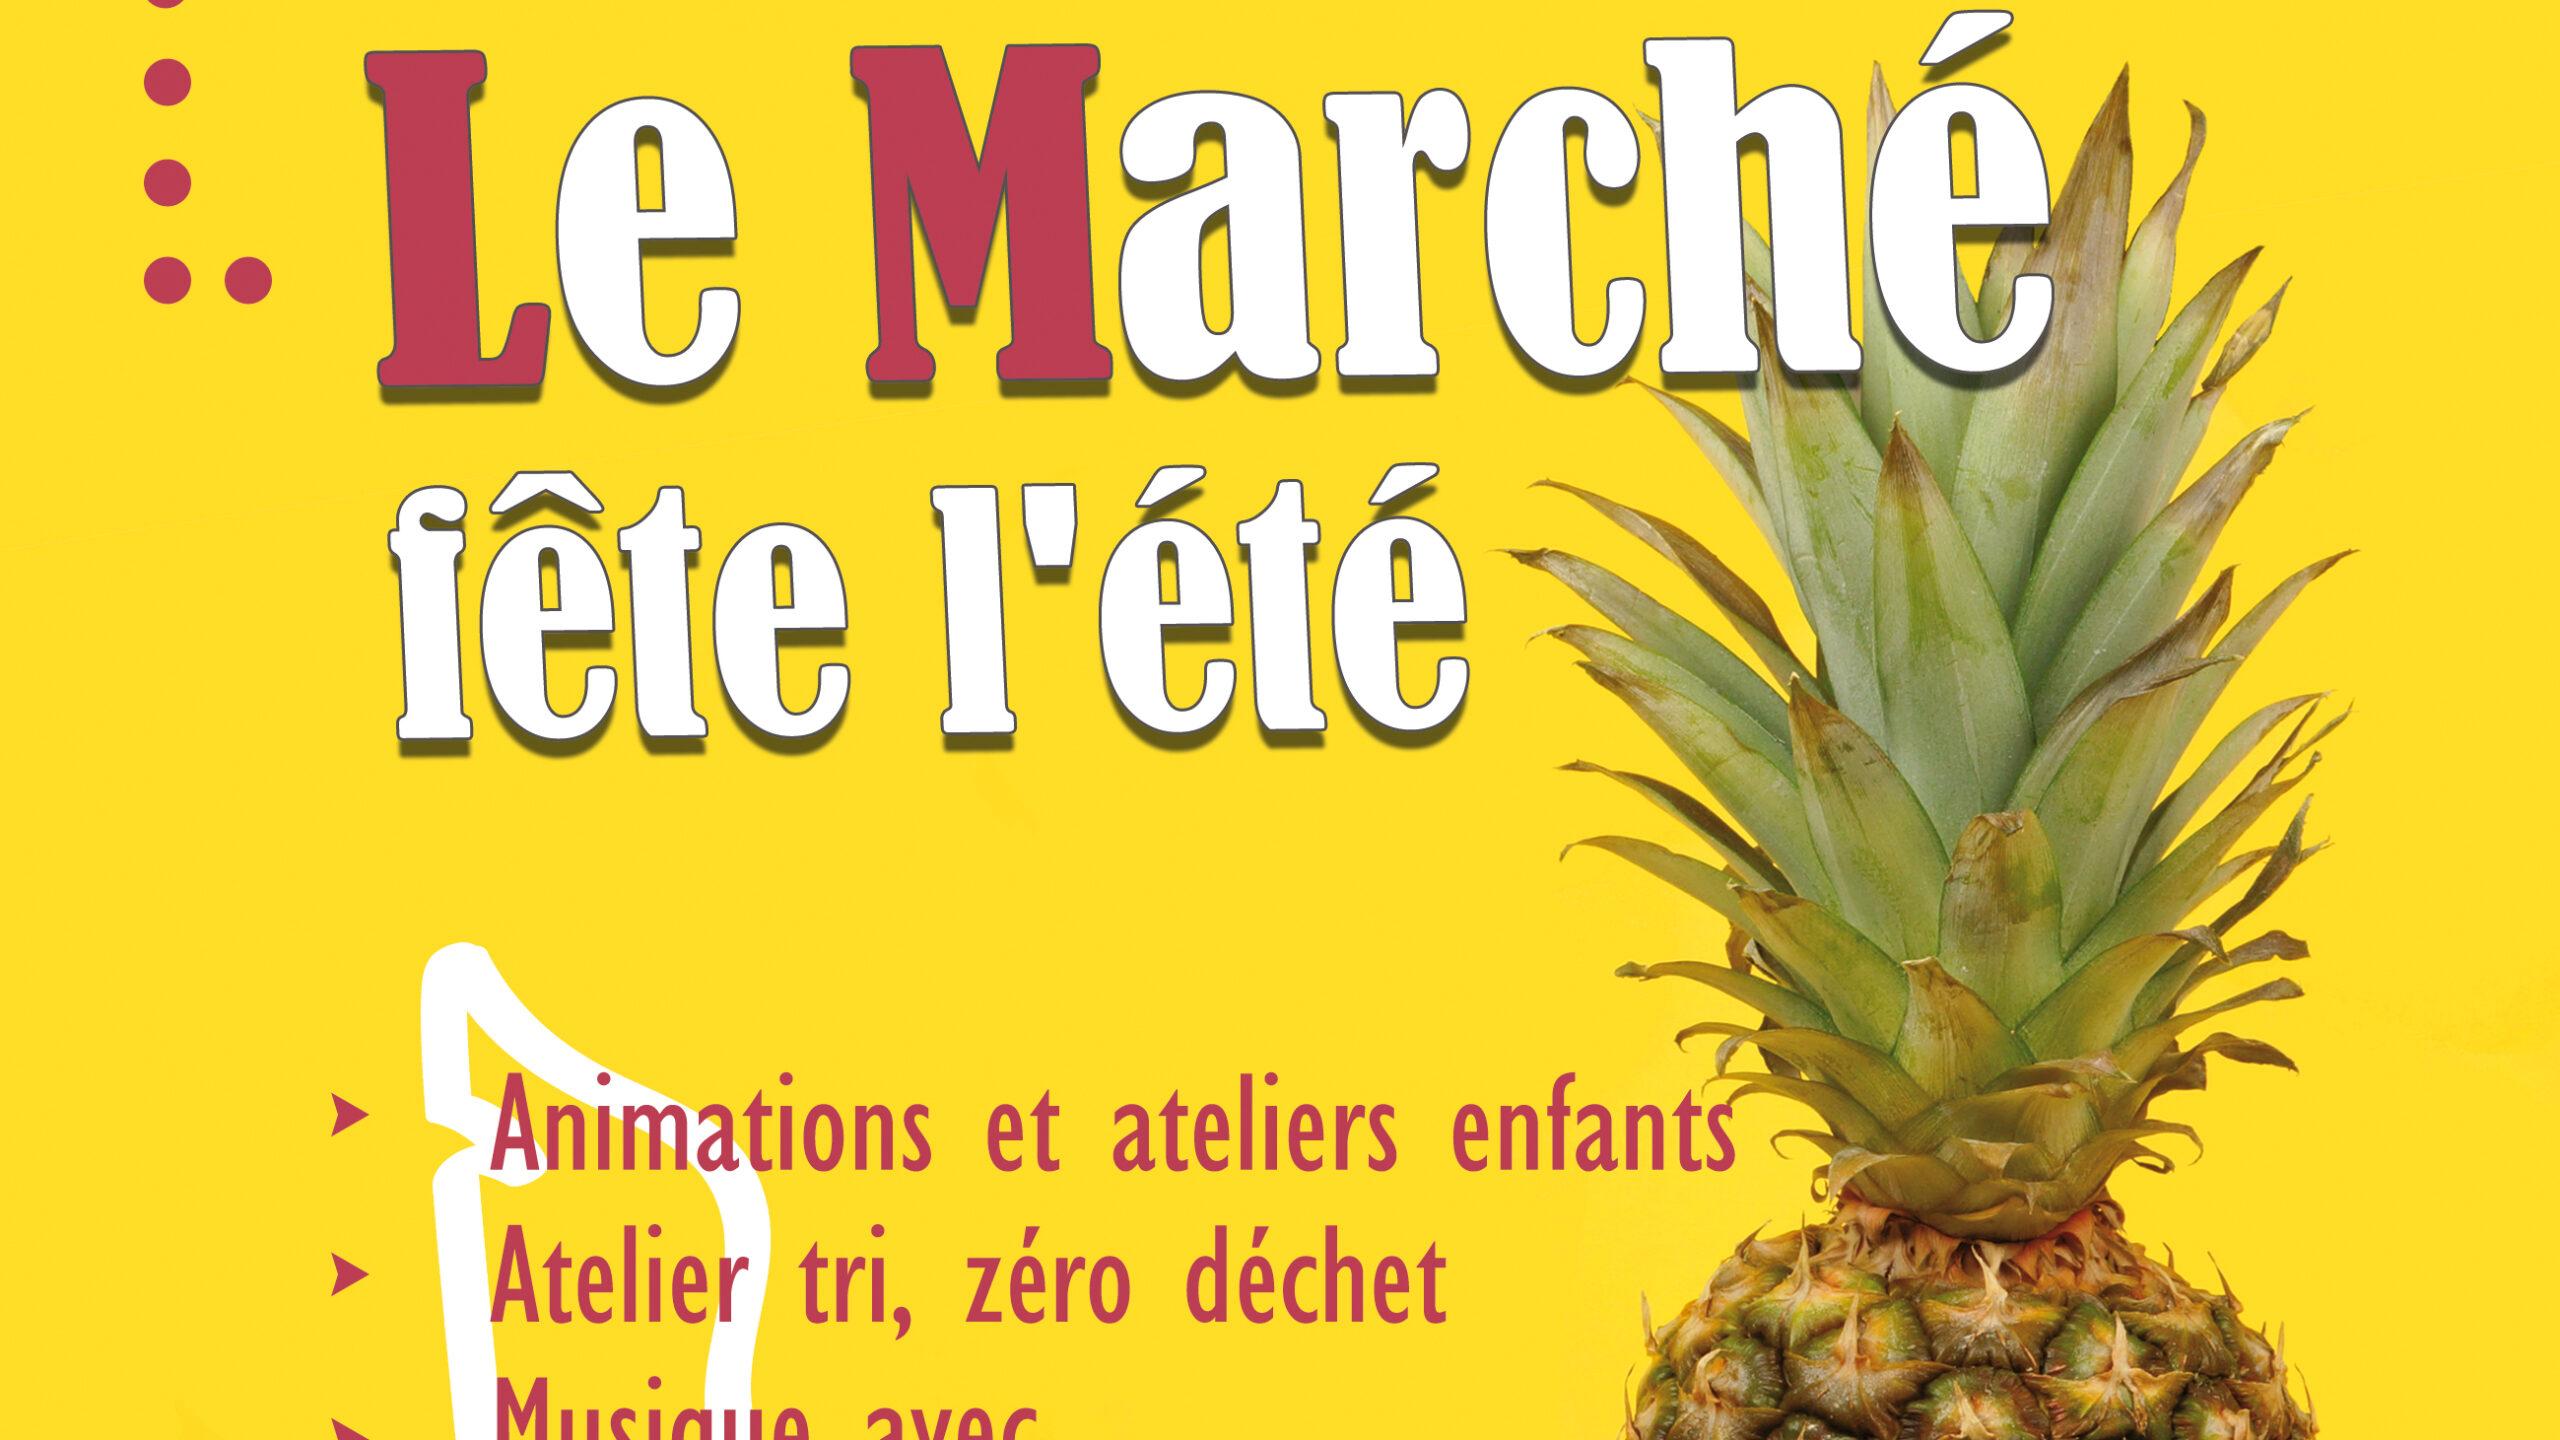 Marche Fete Ete Fb